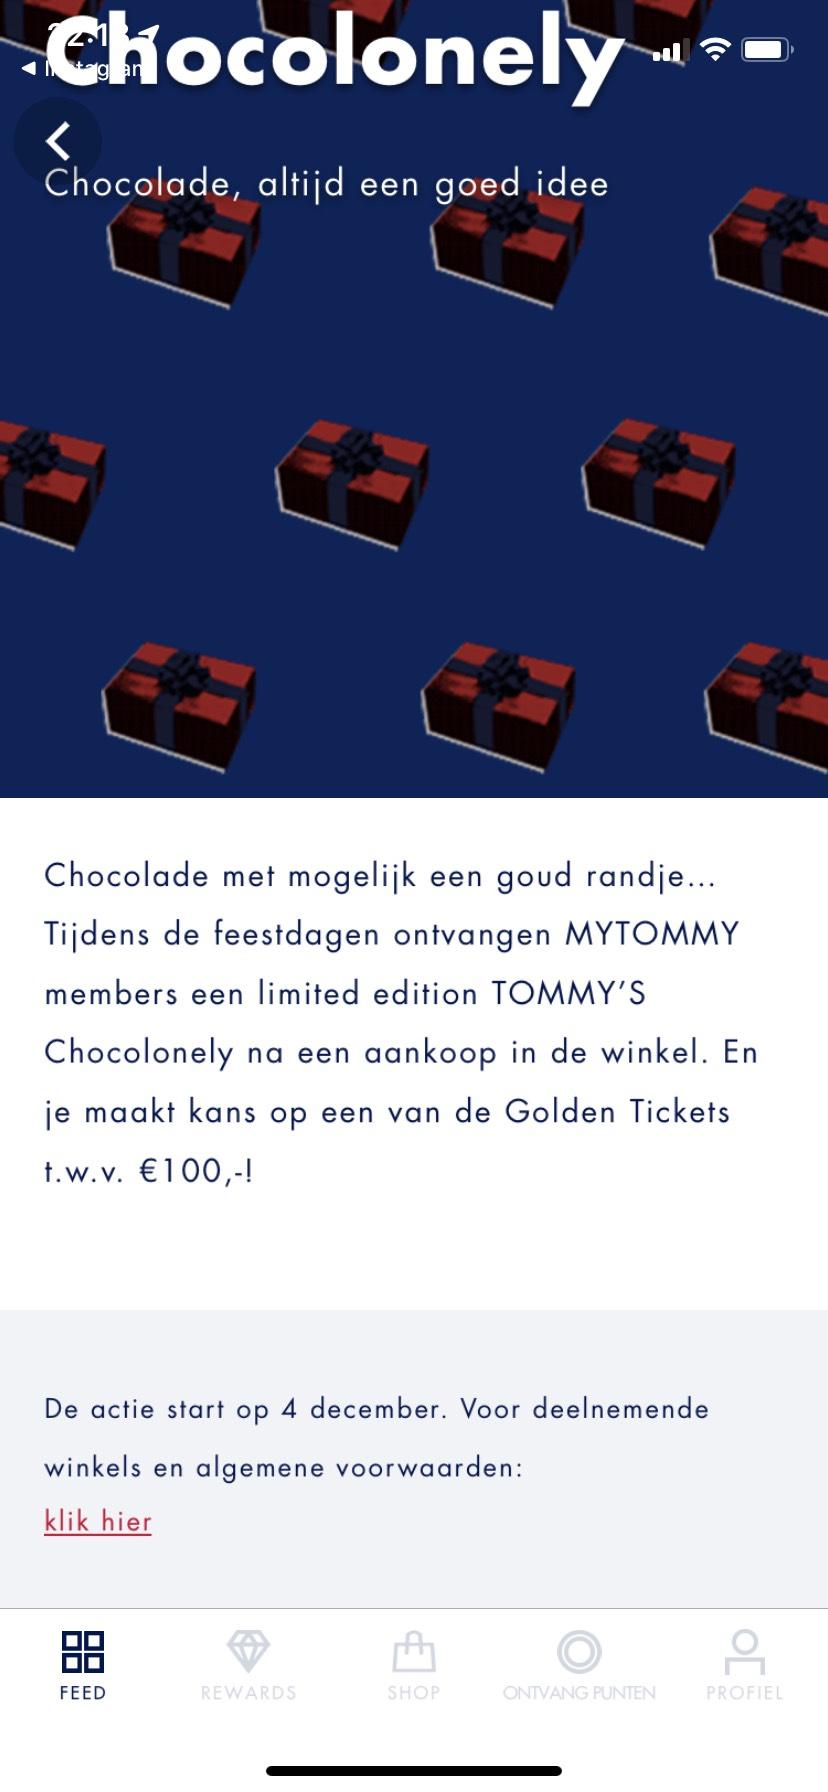 Gratis Tony chocolonely bij een aankoop in de Tommy hilfiger store!